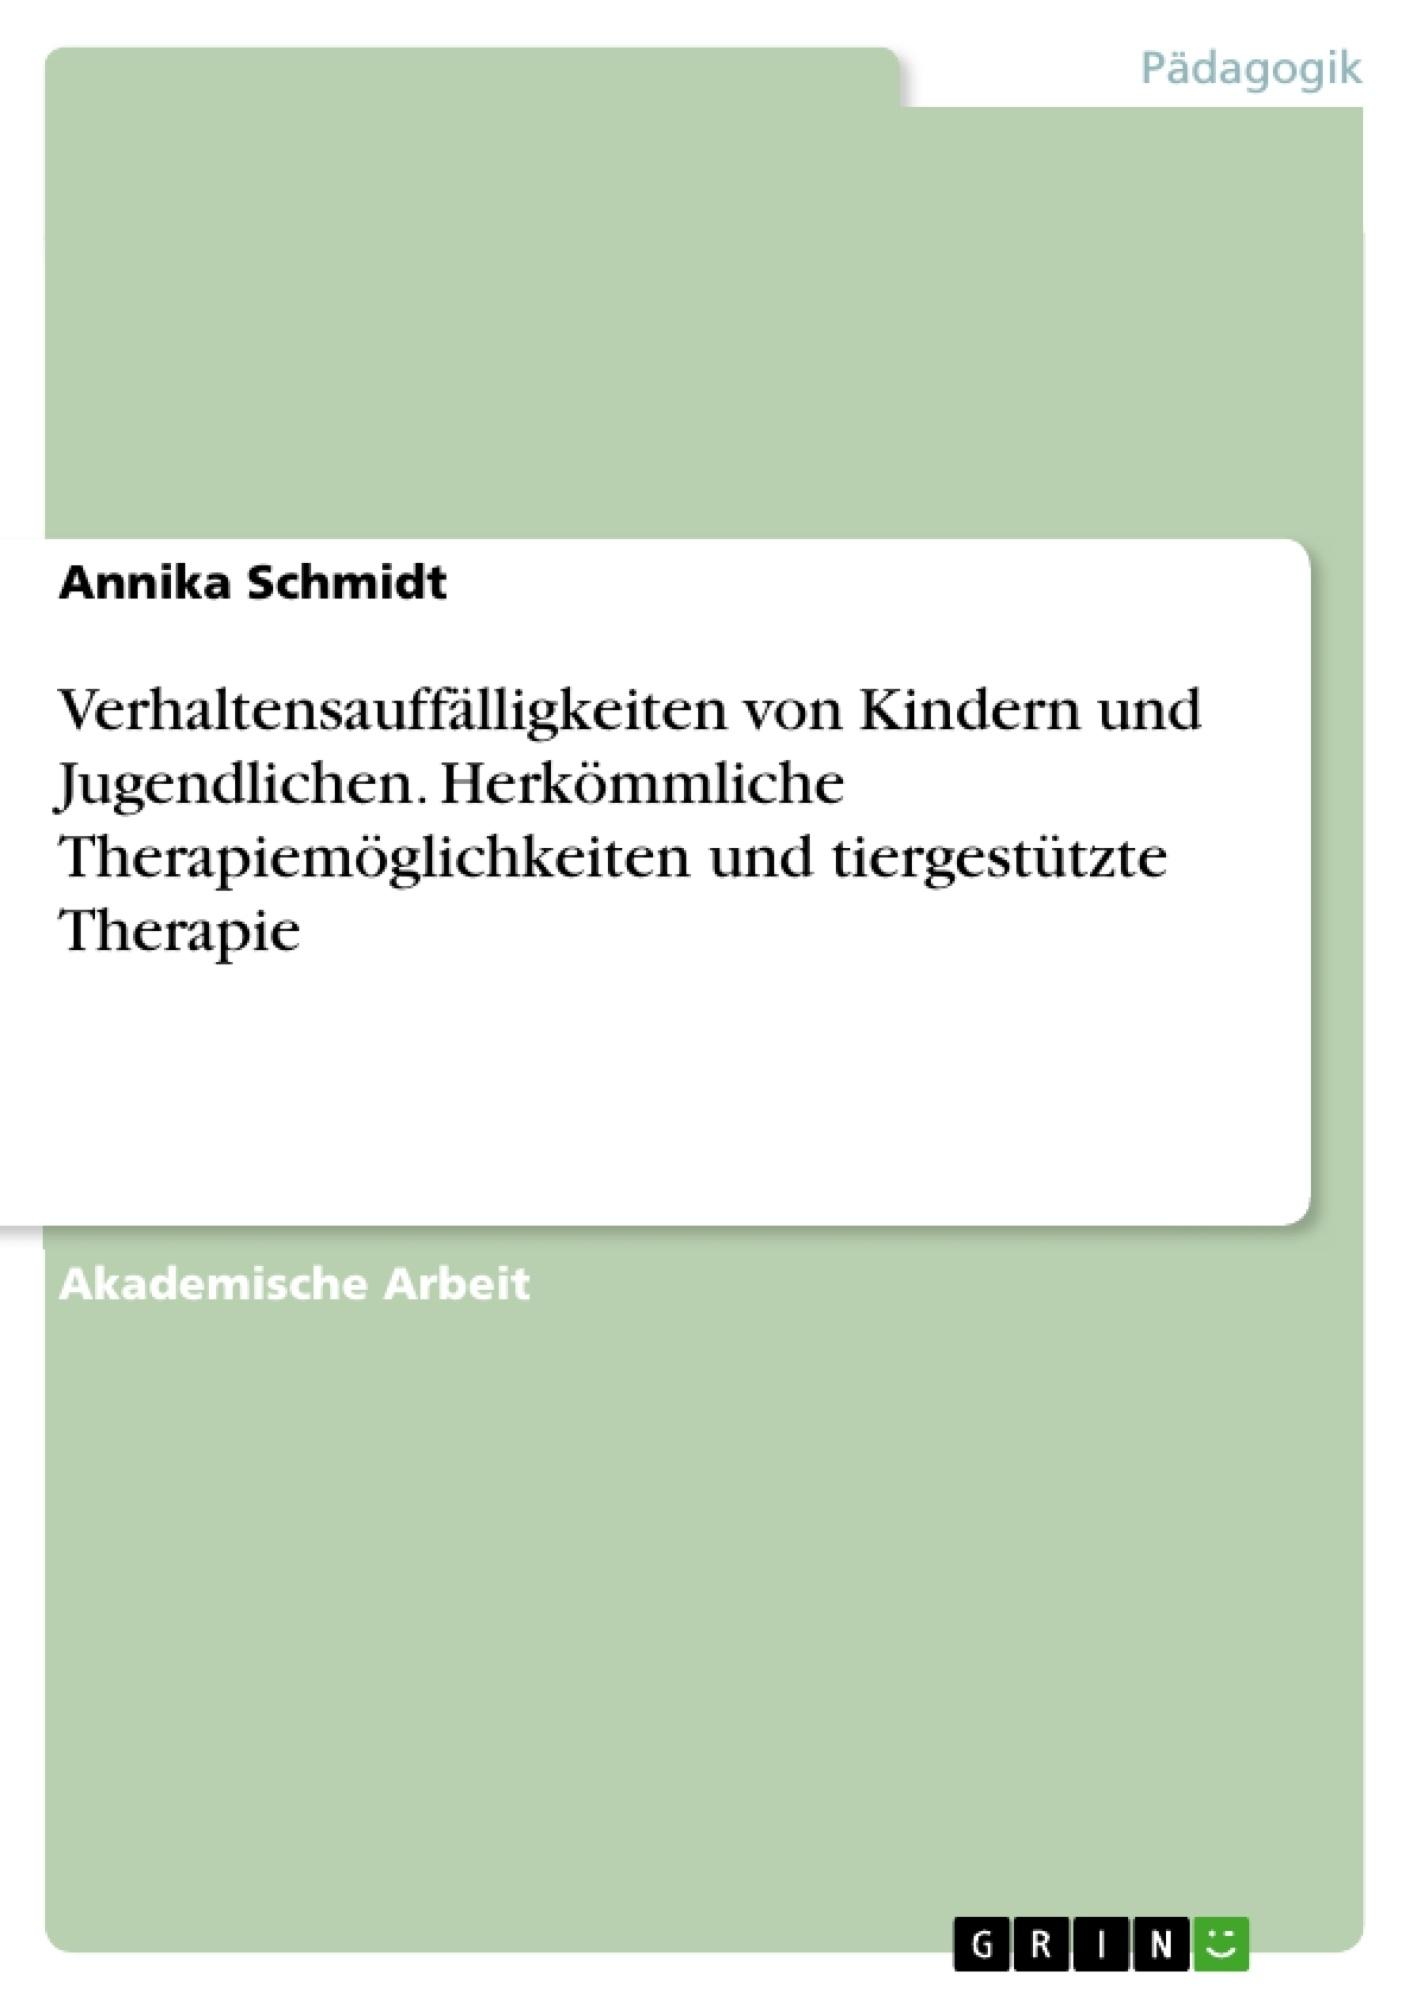 Titel: Verhaltensauffälligkeiten von Kindern und Jugendlichen. Herkömmliche Therapiemöglichkeiten und tiergestützte Therapie